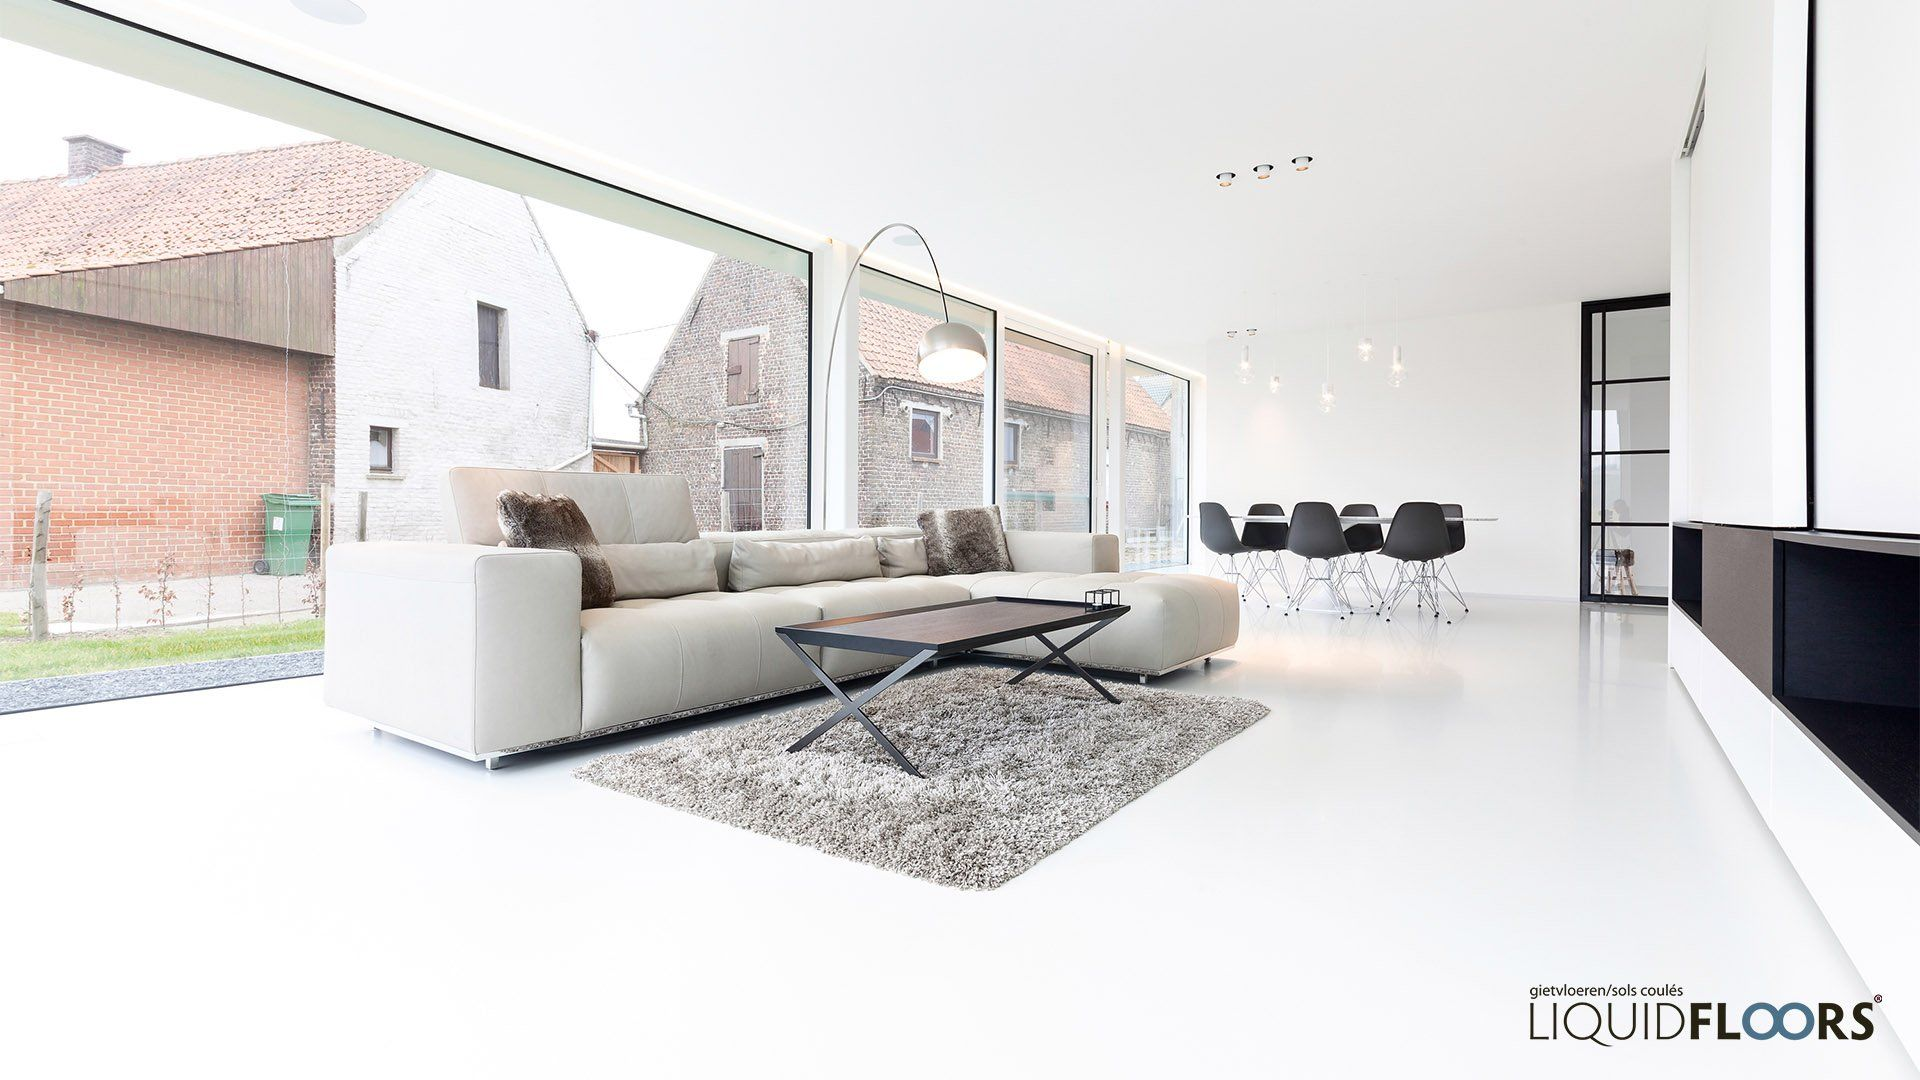 salon living woonkamer in nieuwbouw wit interieur met pu gietvloer ...